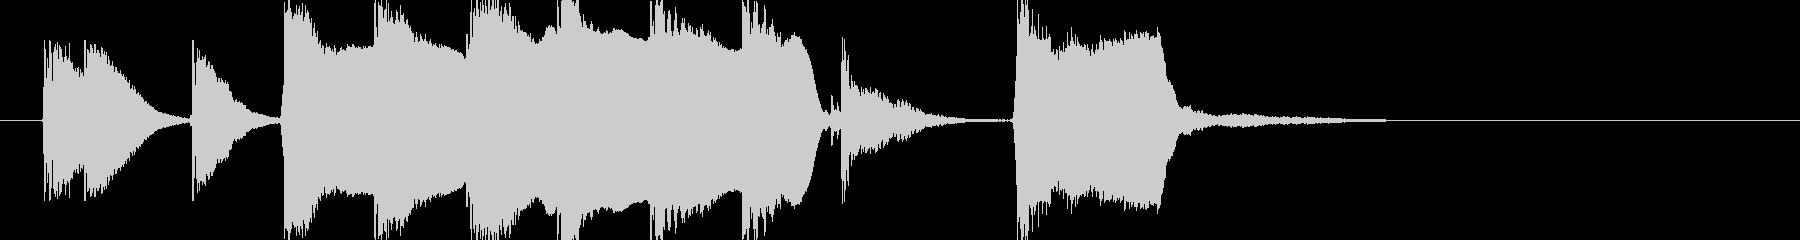 へたっぴ トイピアノとリコーダー3の未再生の波形